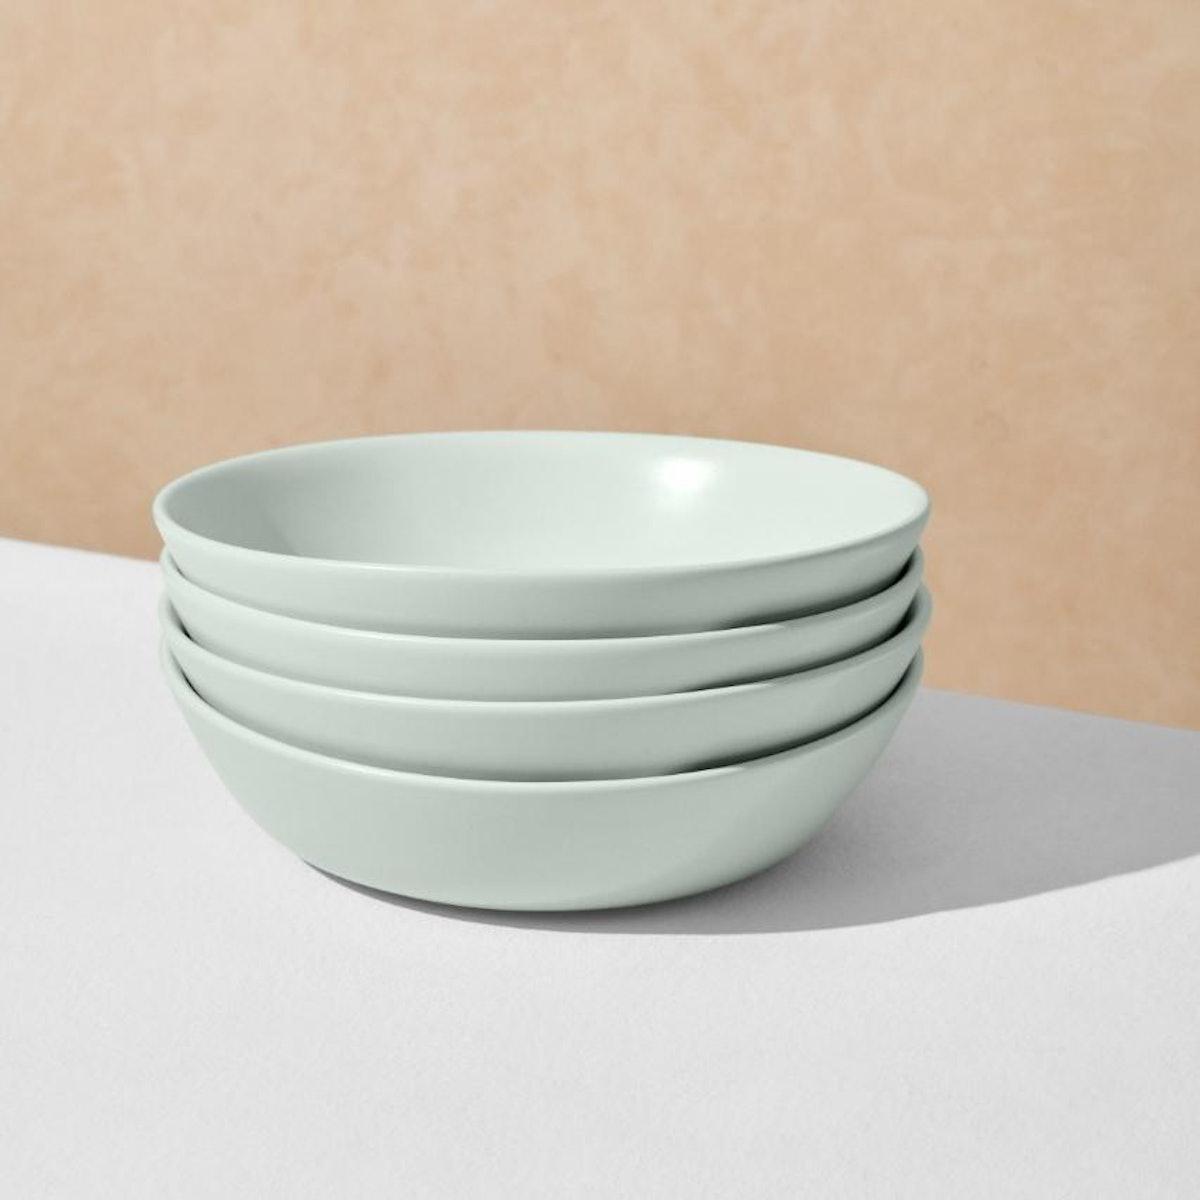 pasta bowl set: image 1